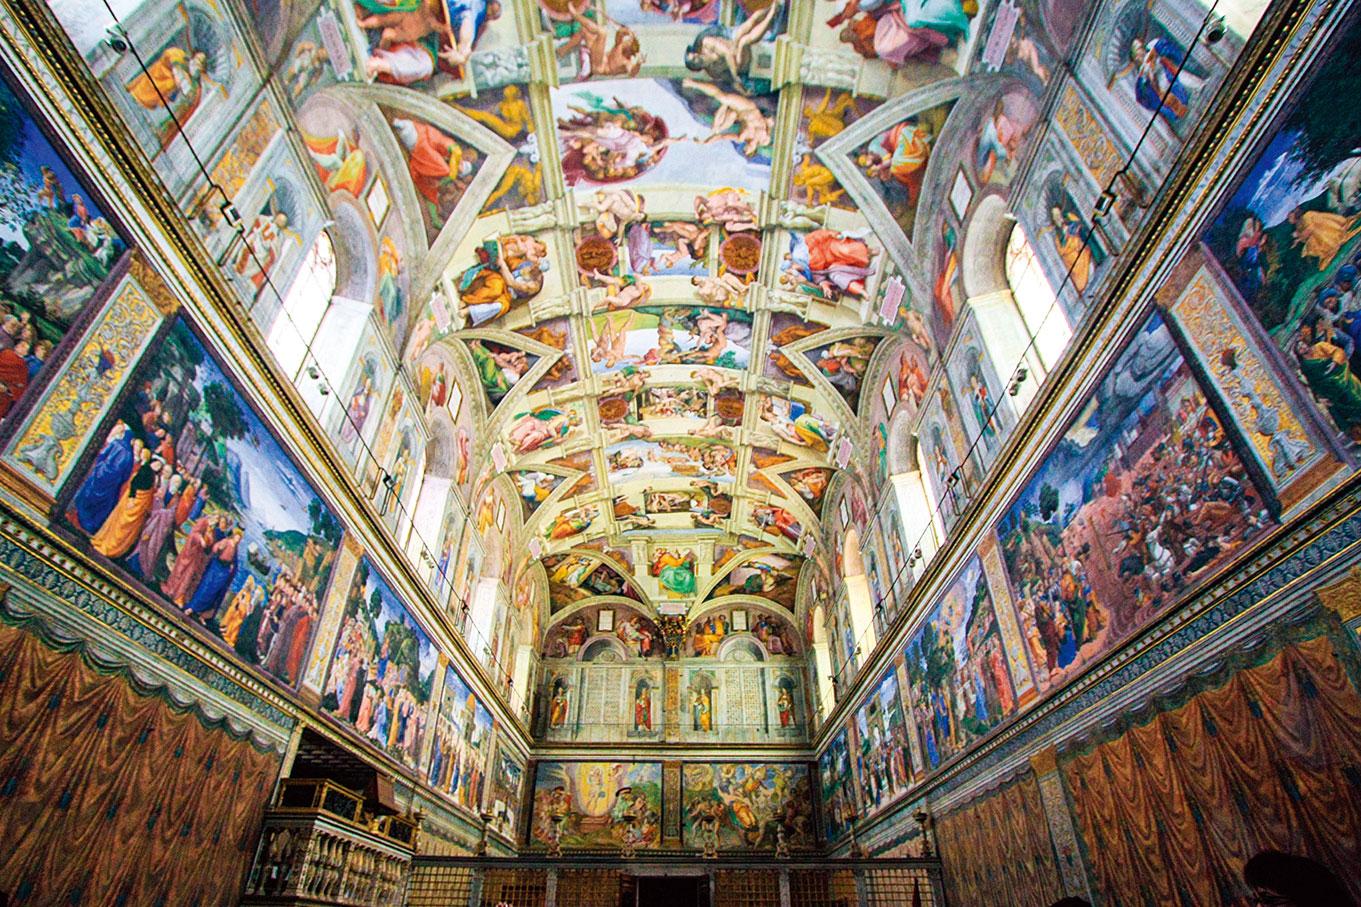 西斯汀禮拜堂的壁畫。(Shutterstock)